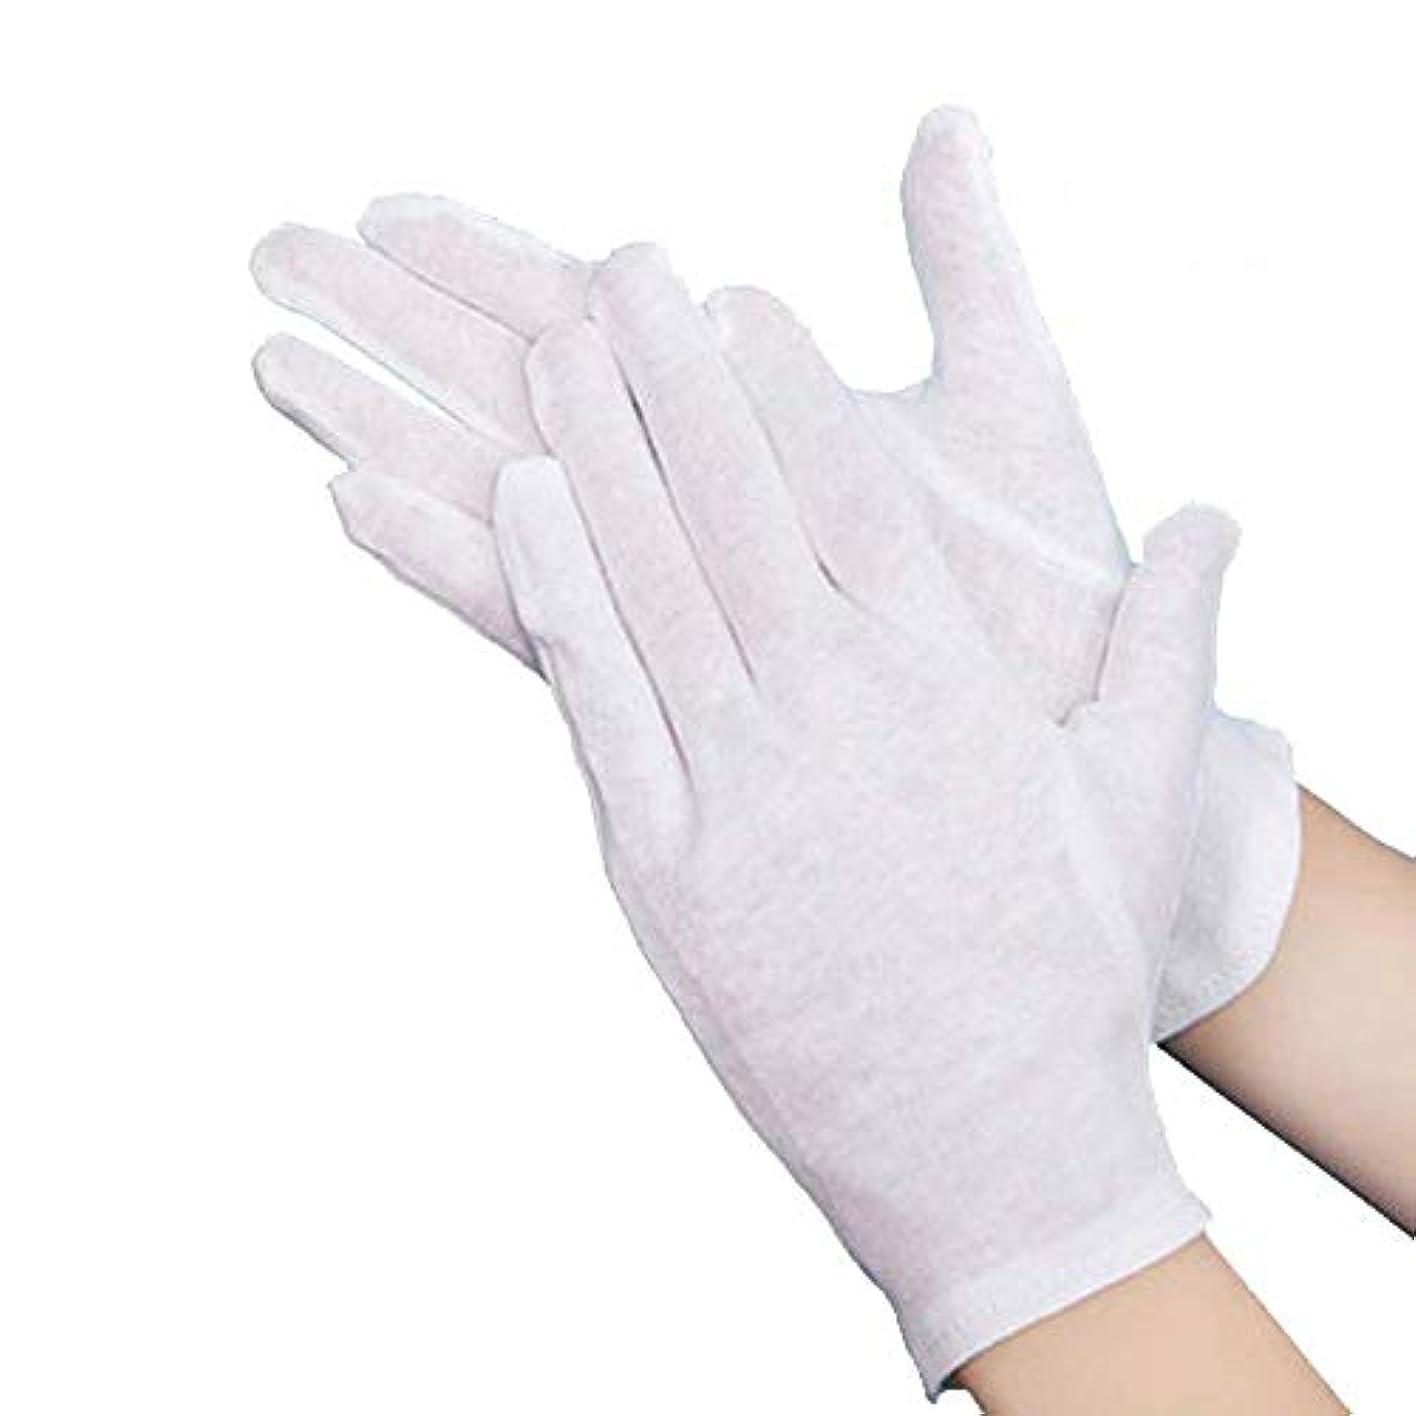 レベル差コンセンサス10双組 S 綿手袋 ン手袋 通気性 コッ